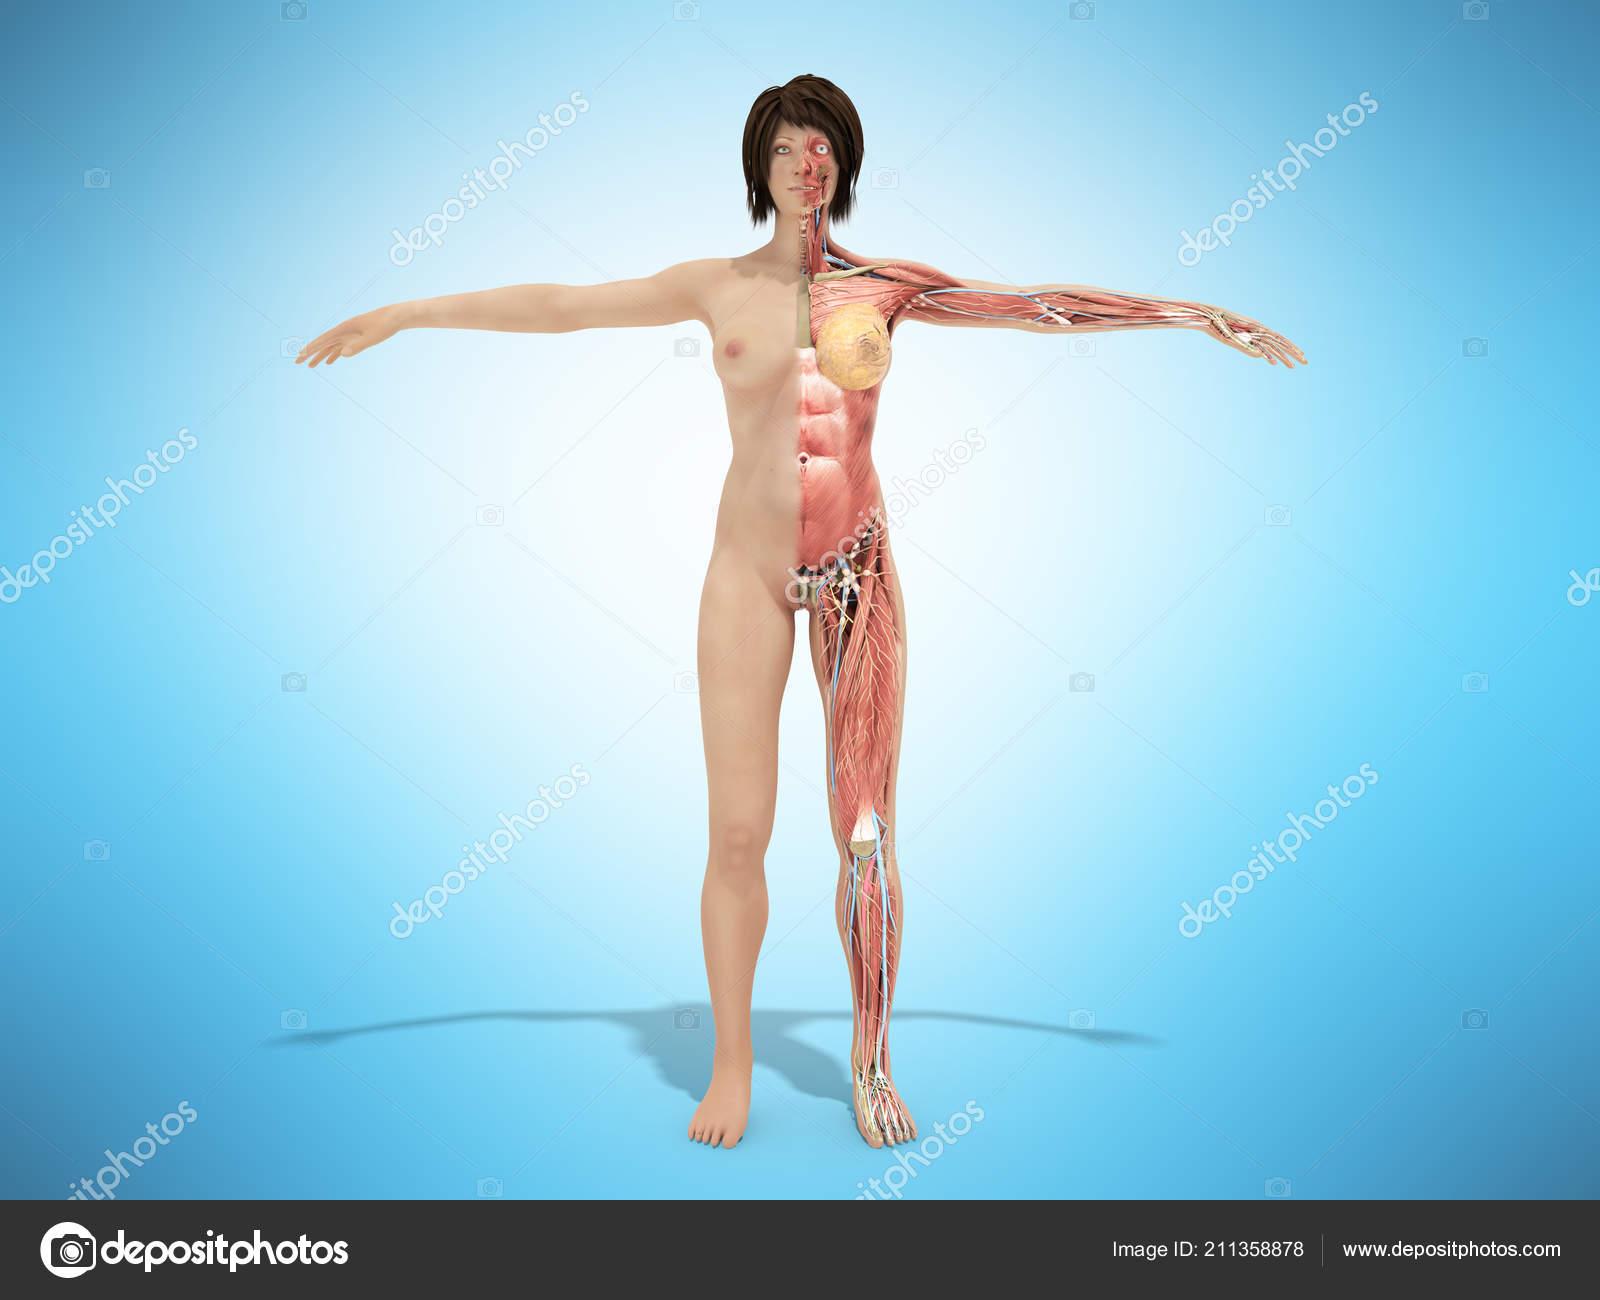 Female Nude Body Anatomy Books Illustration Blue — Stock Photo